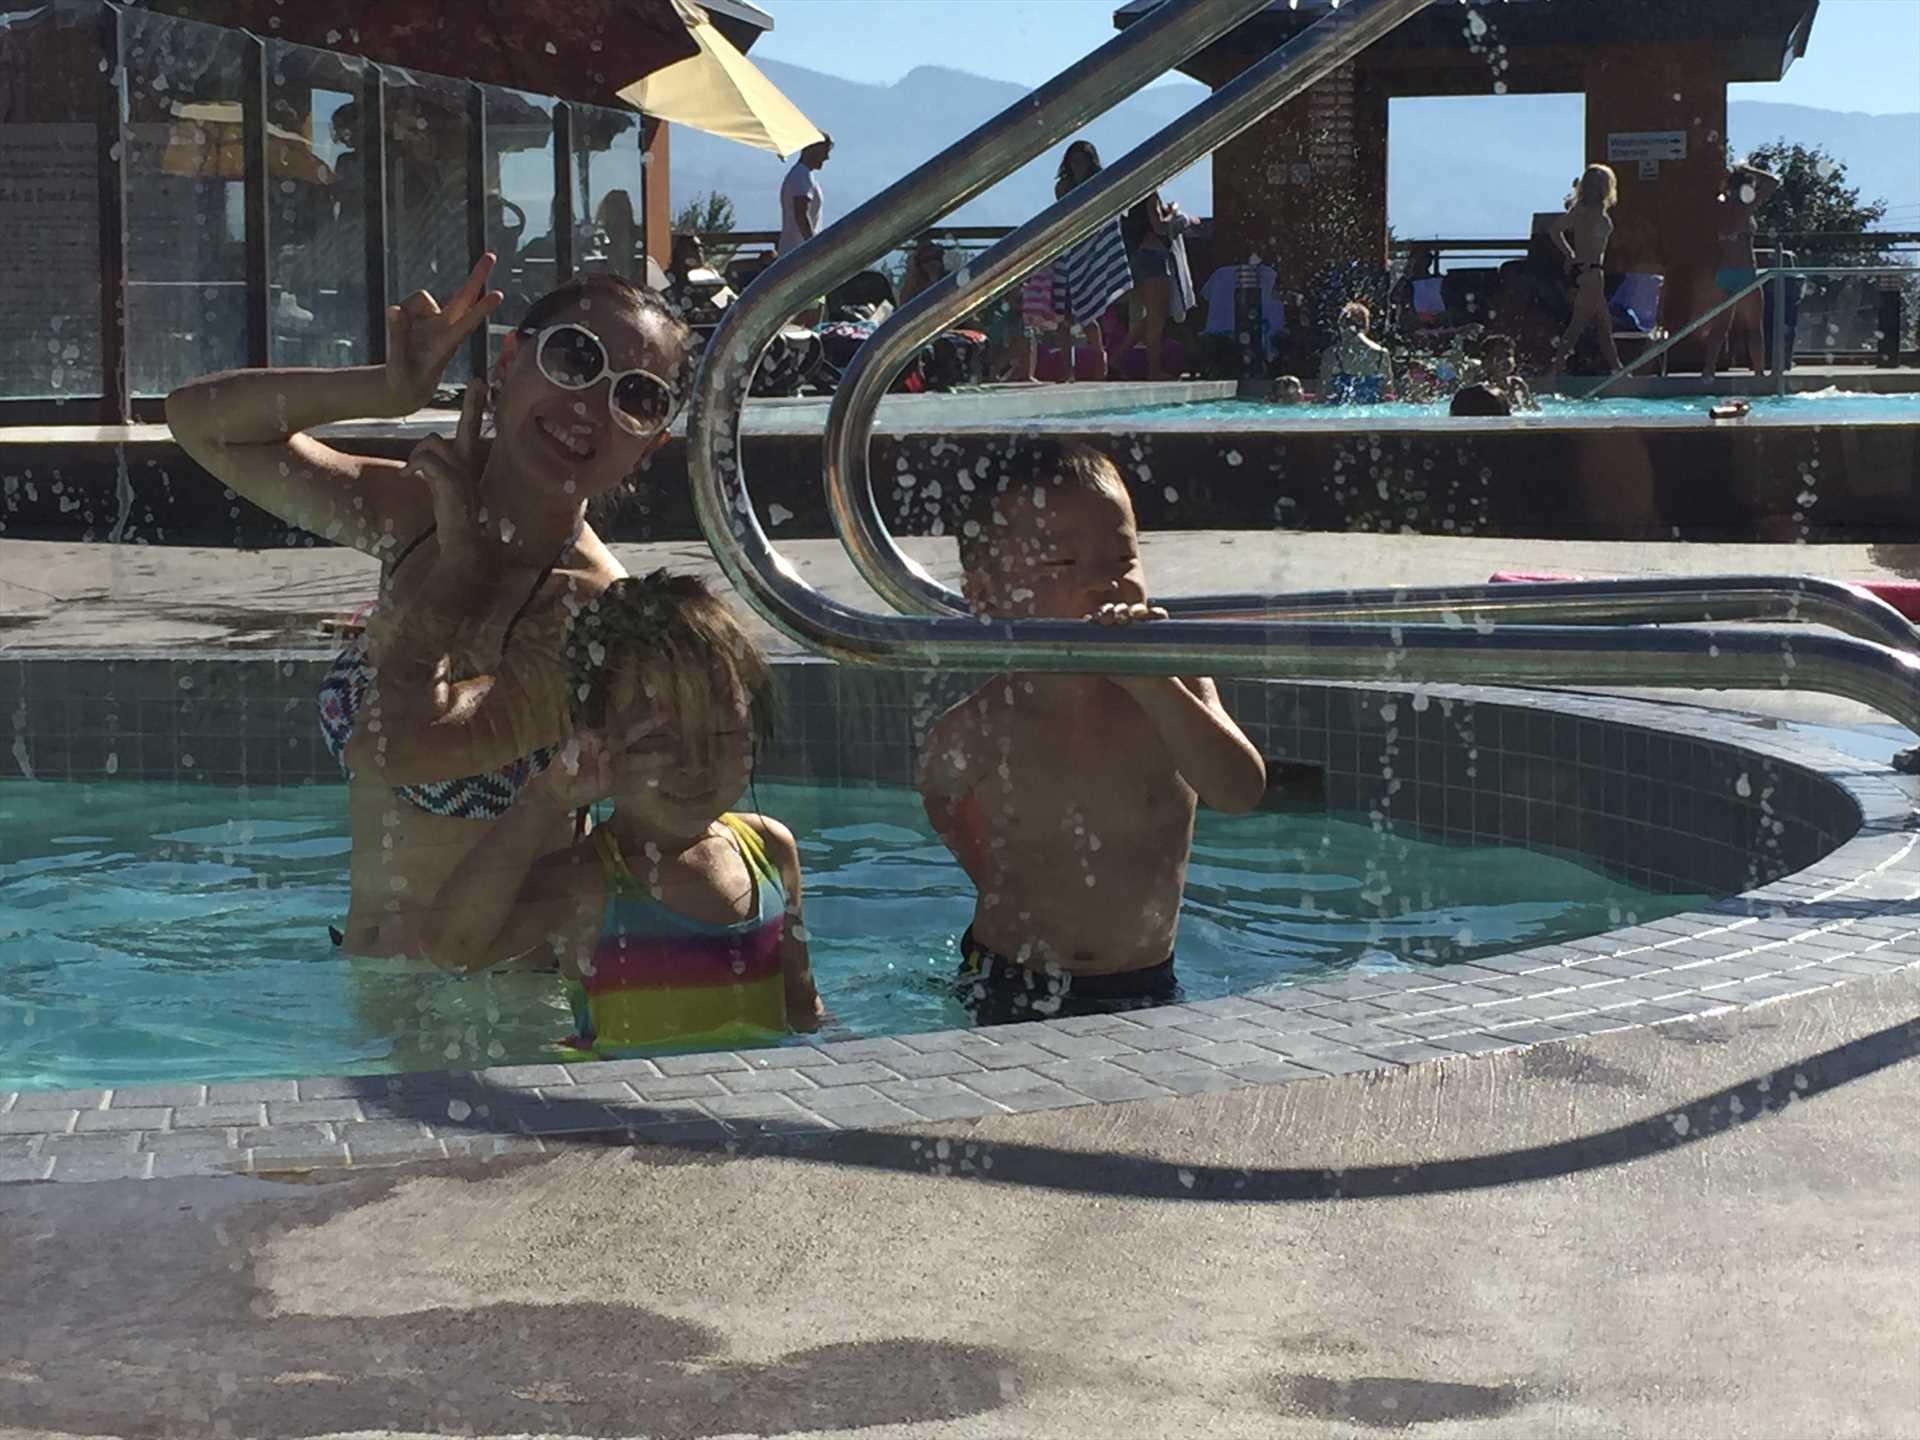 Hot Tub and Pool at Playa del Sol